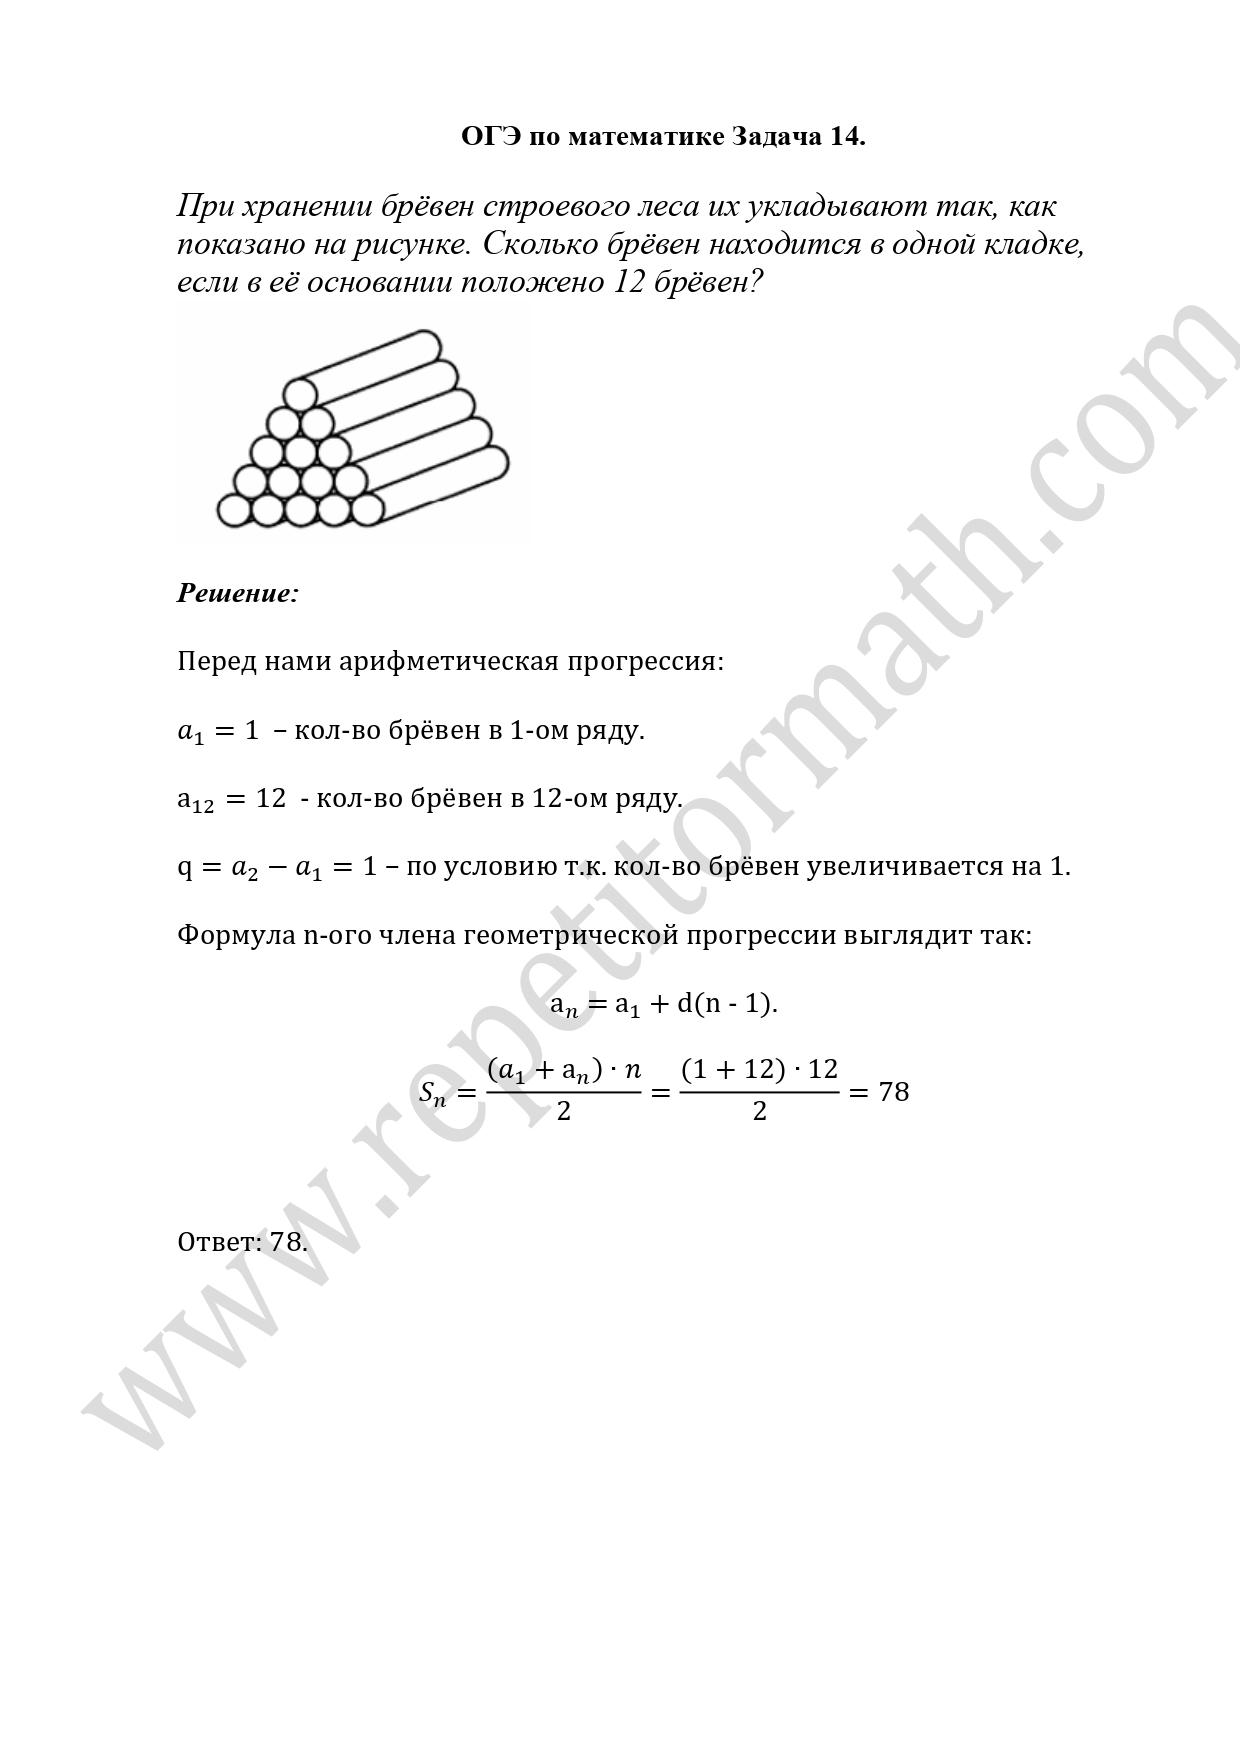 Задание №16 ЕГЭ (базовый уровень)